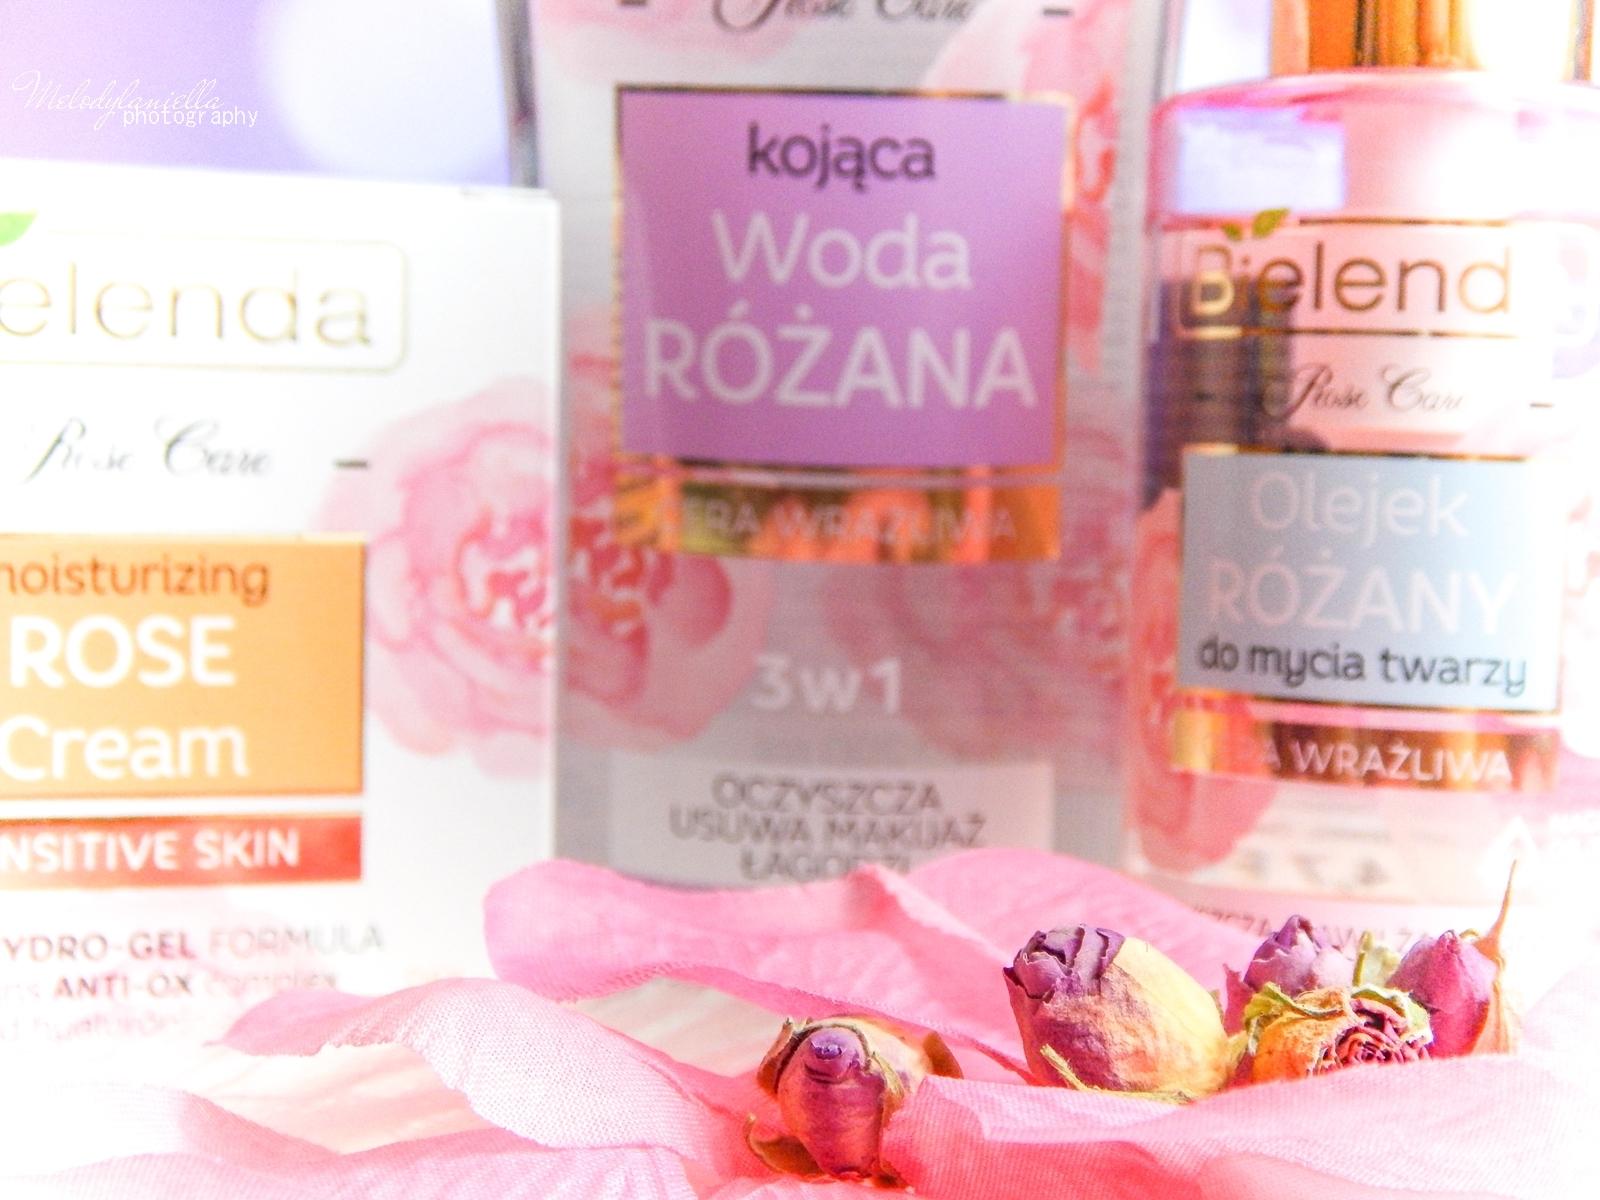 3 Bielenda rose care różany krem do twarzy recenzja kojąca woda różana 3w1 olejek różany do mycia twarzy produkty bielenda seria różana melodylaniella test produktów kosmetycznych ciekawe blogi lifestyle